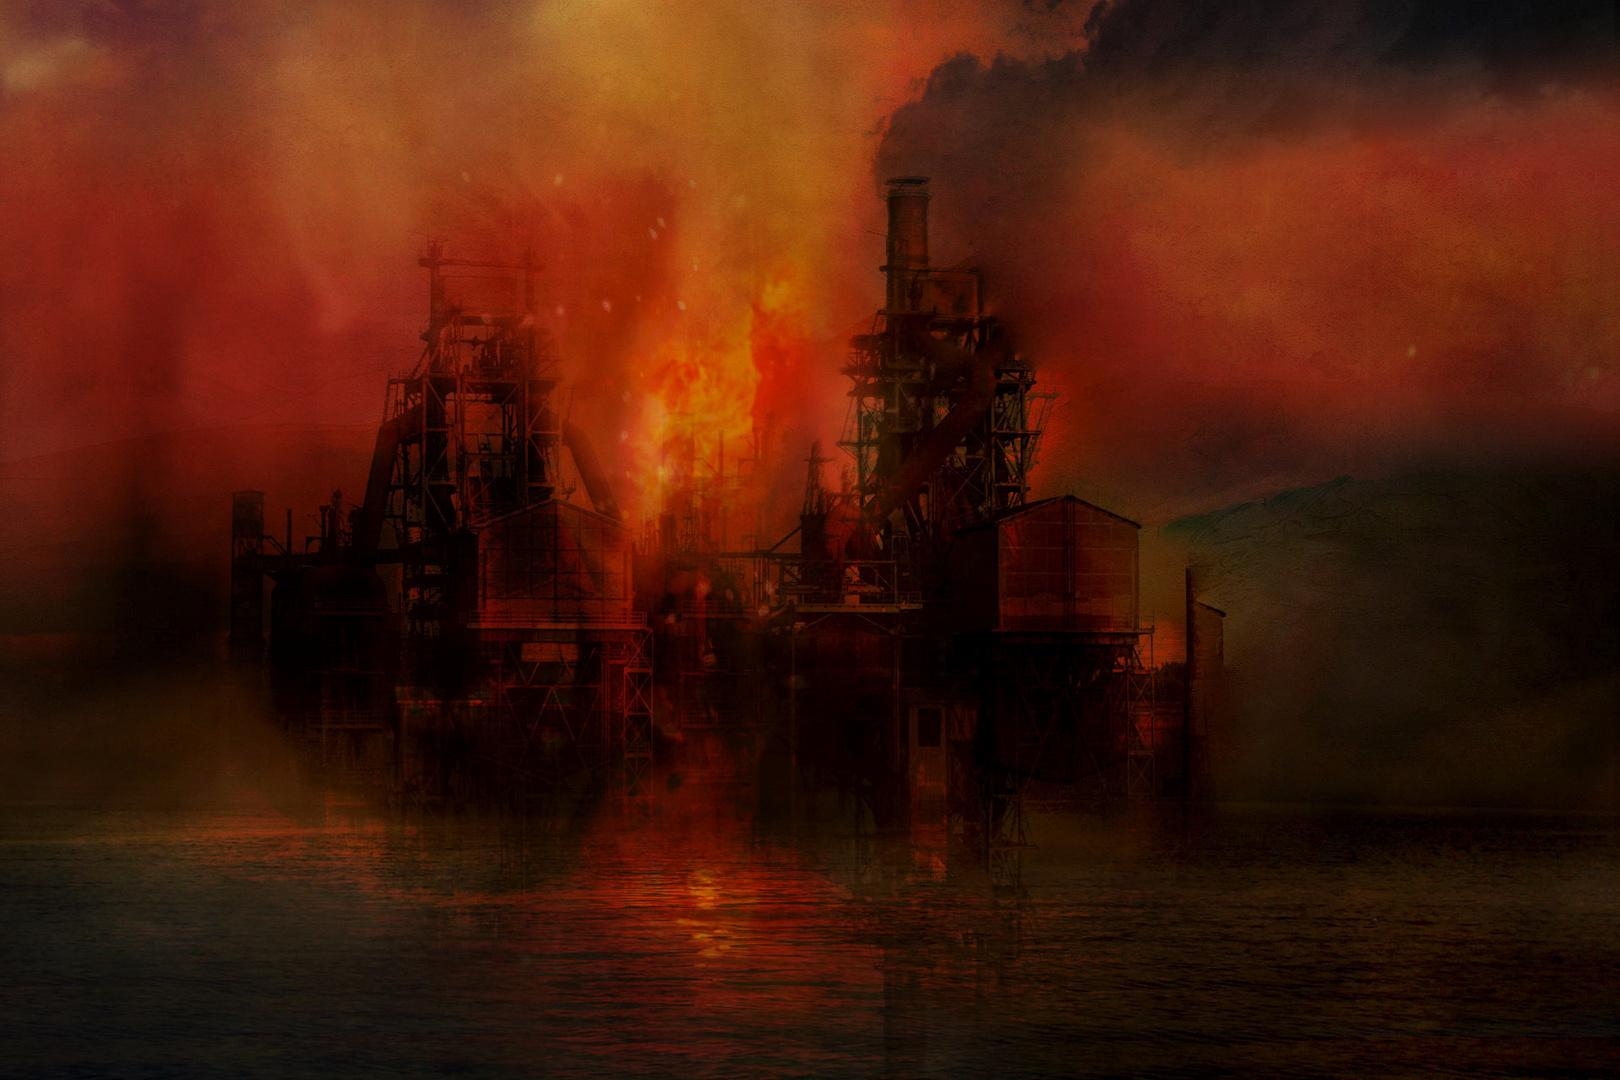 Die Elemente I, Feuer